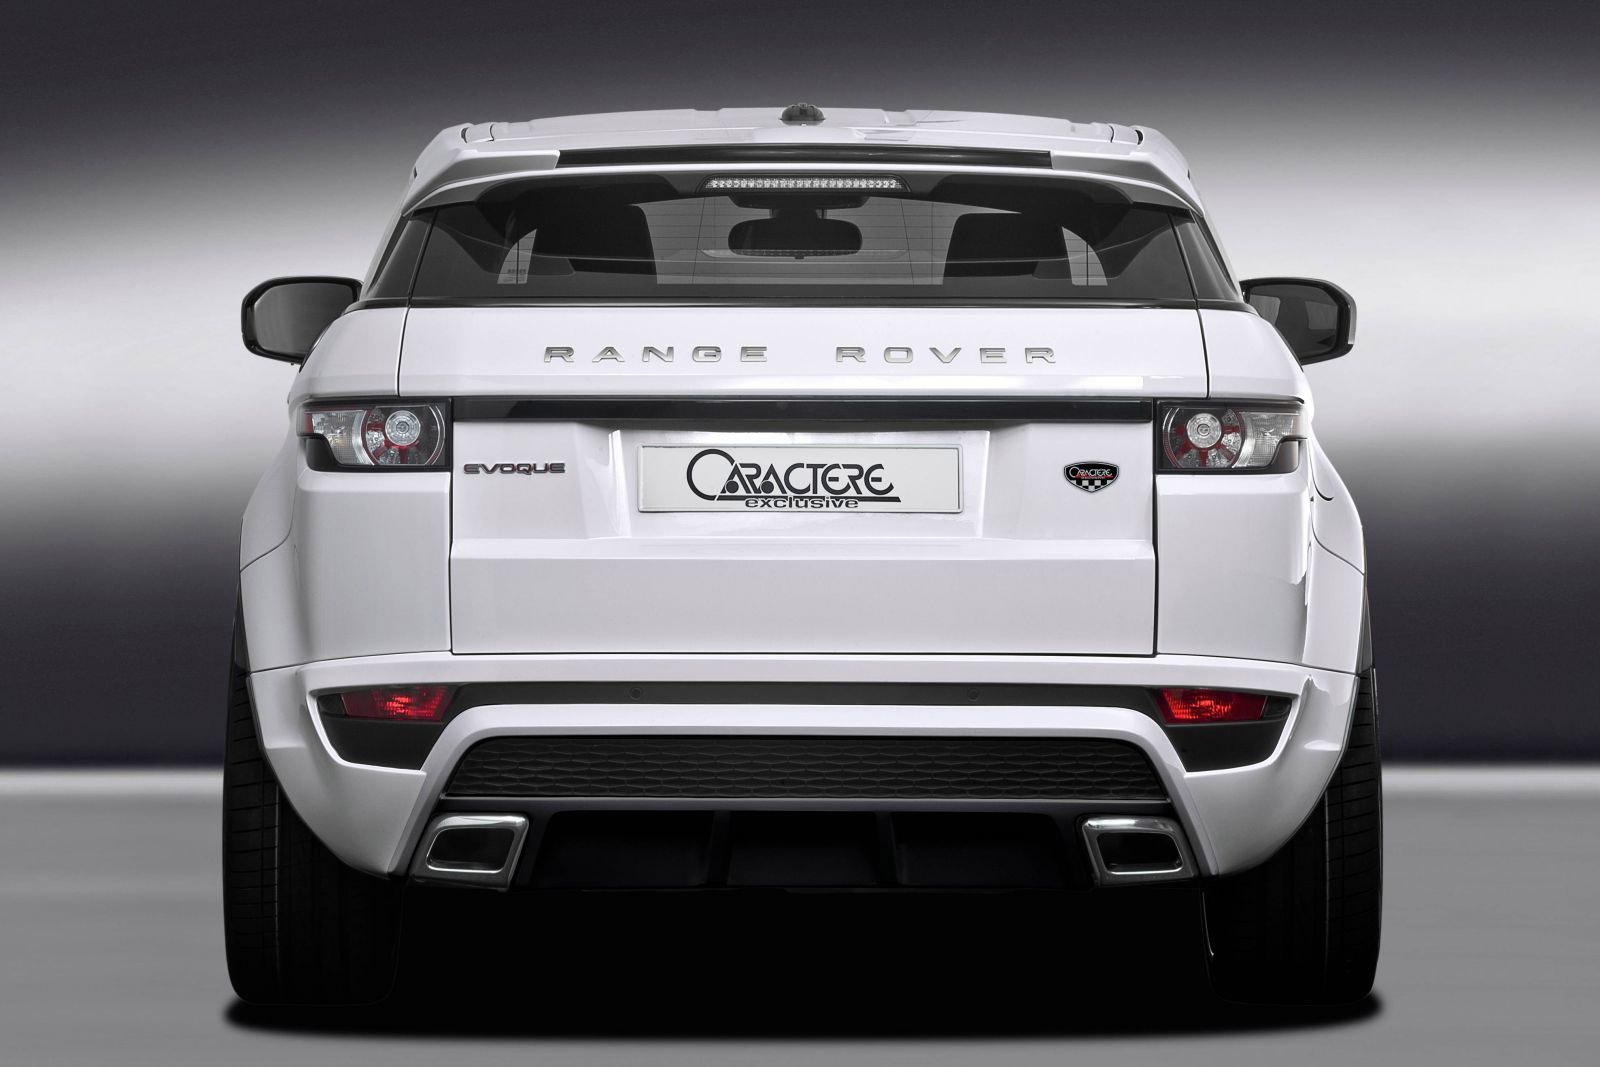 Range Rover Evoque Convertible >> Range Rover Evoque by Caractere